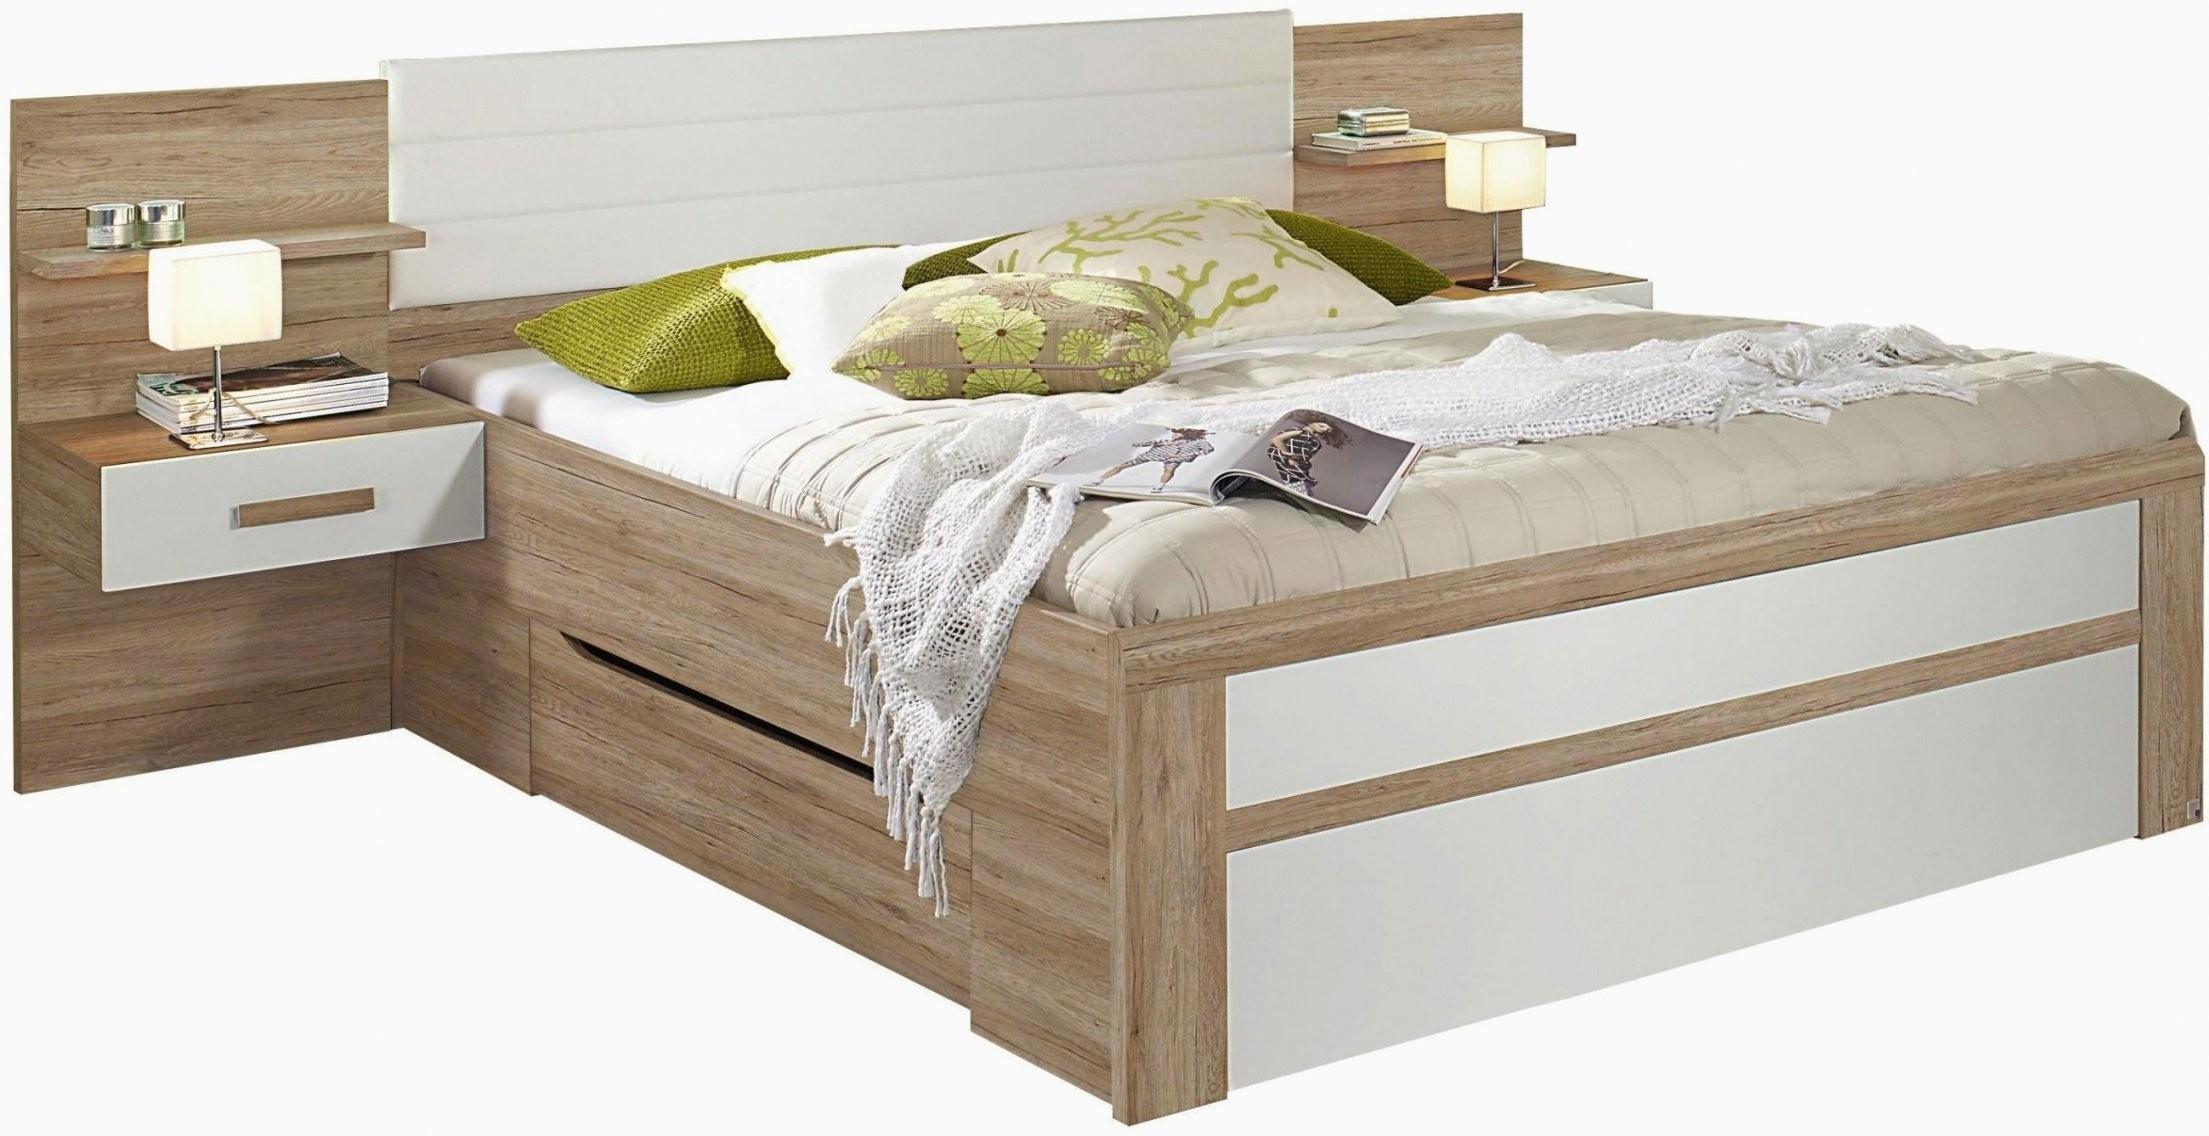 Bed 220 Lang Ikea Verbazingwekkend Betten 2X2M Finest Betten 2X2M von Bett 200X200 Ikea Photo